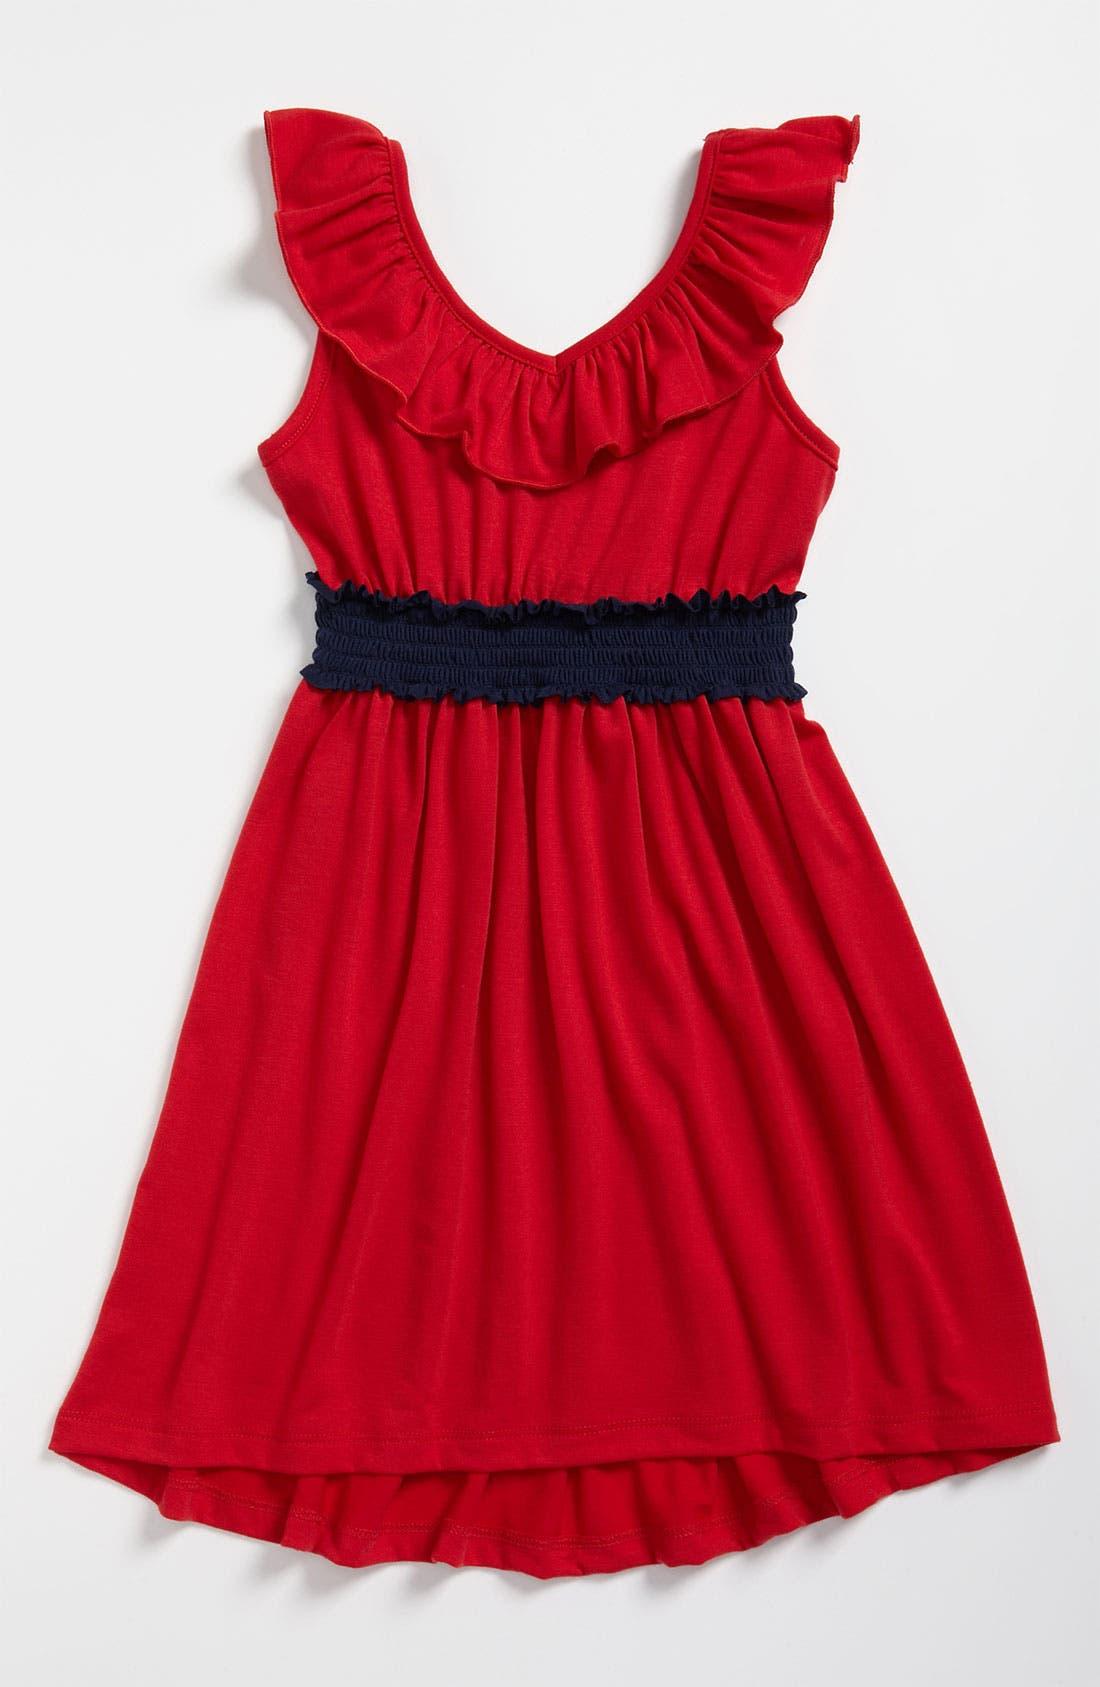 Alternate Image 1 Selected - Zunie Ruffle Neck Dress (Little Girls & Big Girls)